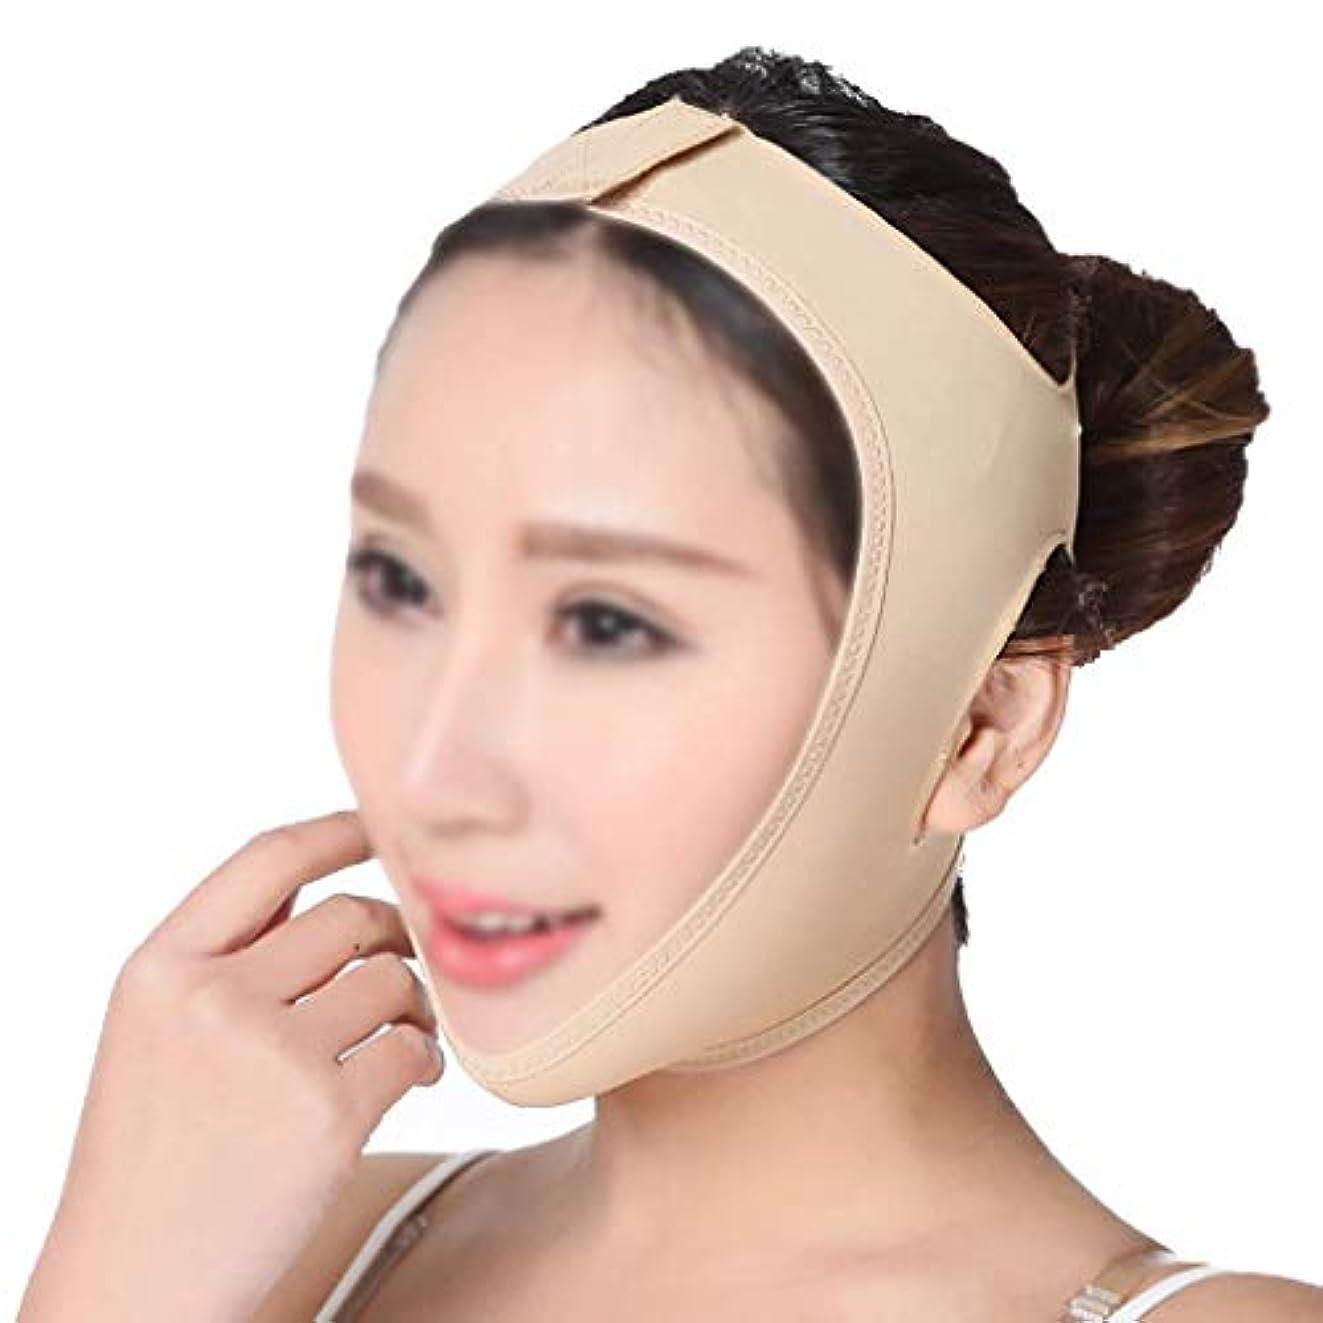 生産性安心公式薄い顔の包帯の顔スリム二重あごを取り除くVラインの顔の形を作成するあごの頬リフトアップアンチリンクルリフティングベルトフェイスマッサージツール(サイズ:L)